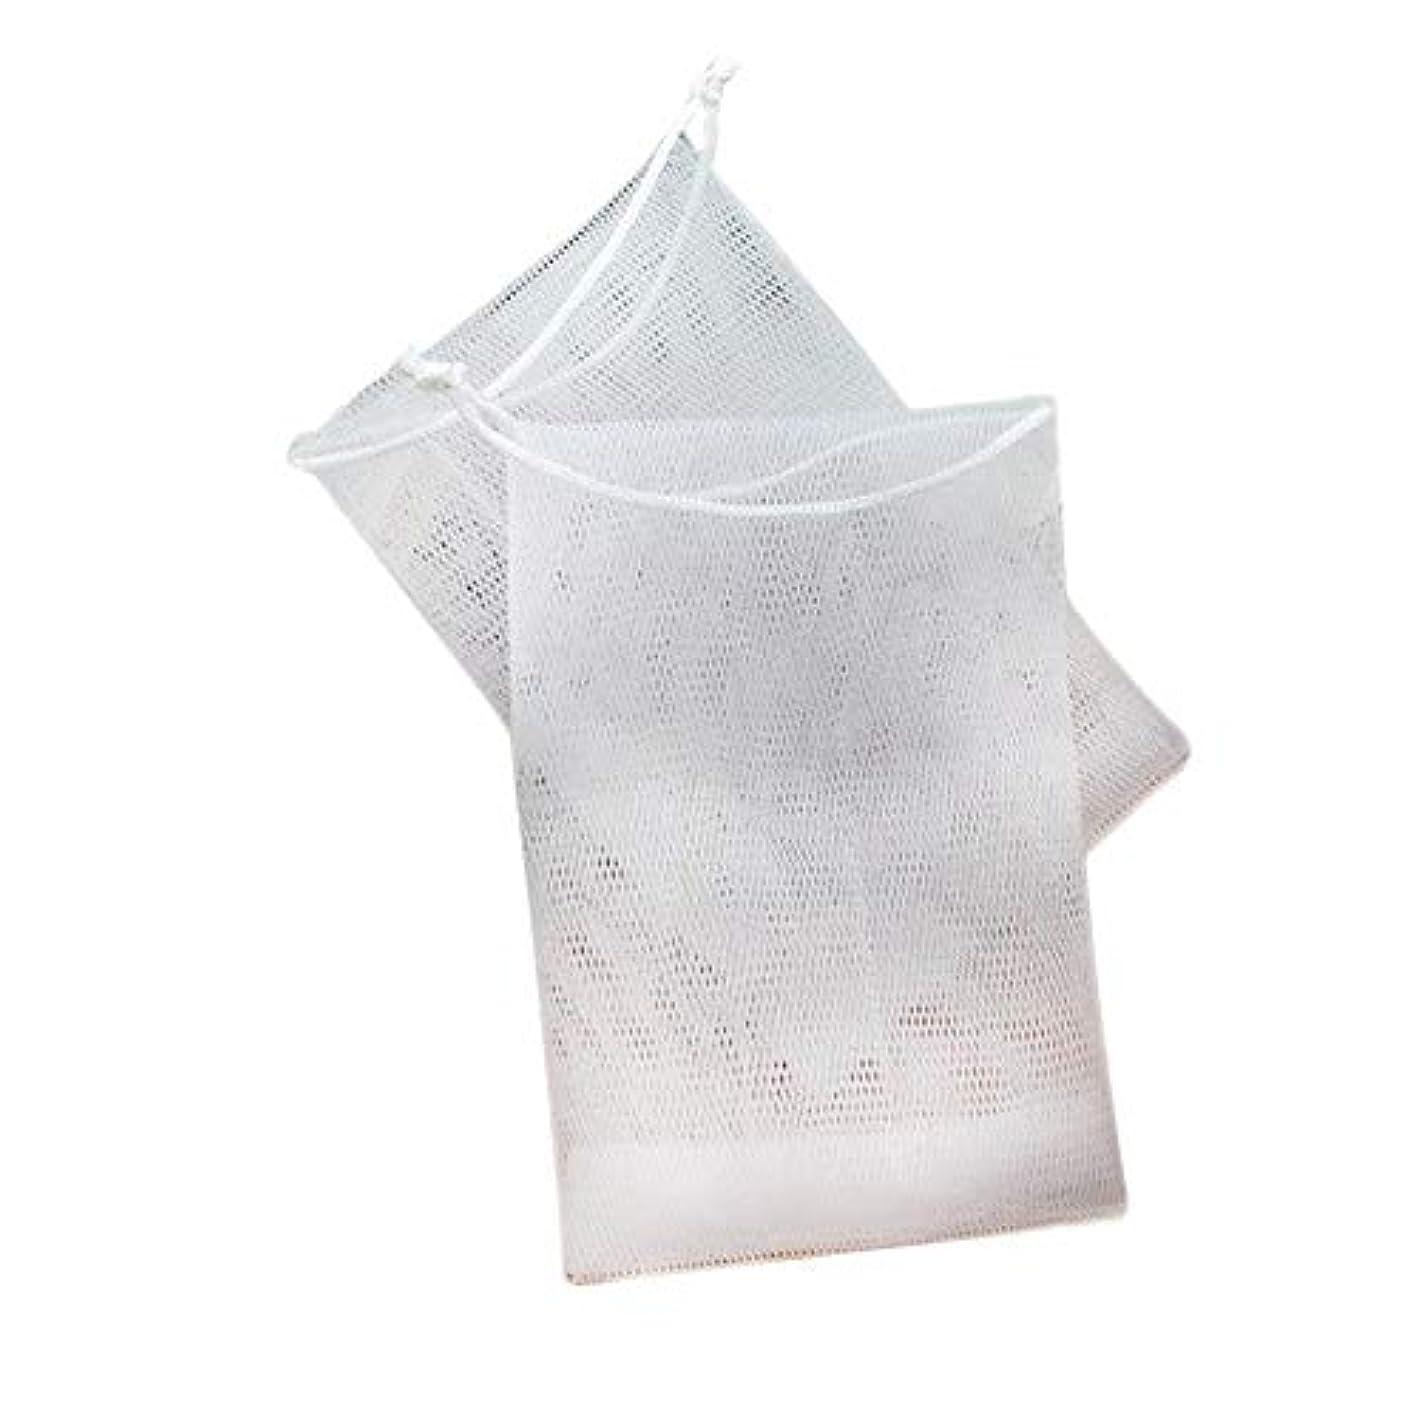 前提羨望シンボル石鹸の袋の網のドローストリング袋は ハンドメイドの石鹸の泡泡ネットメーカーのために掛けることができます 12×9cm